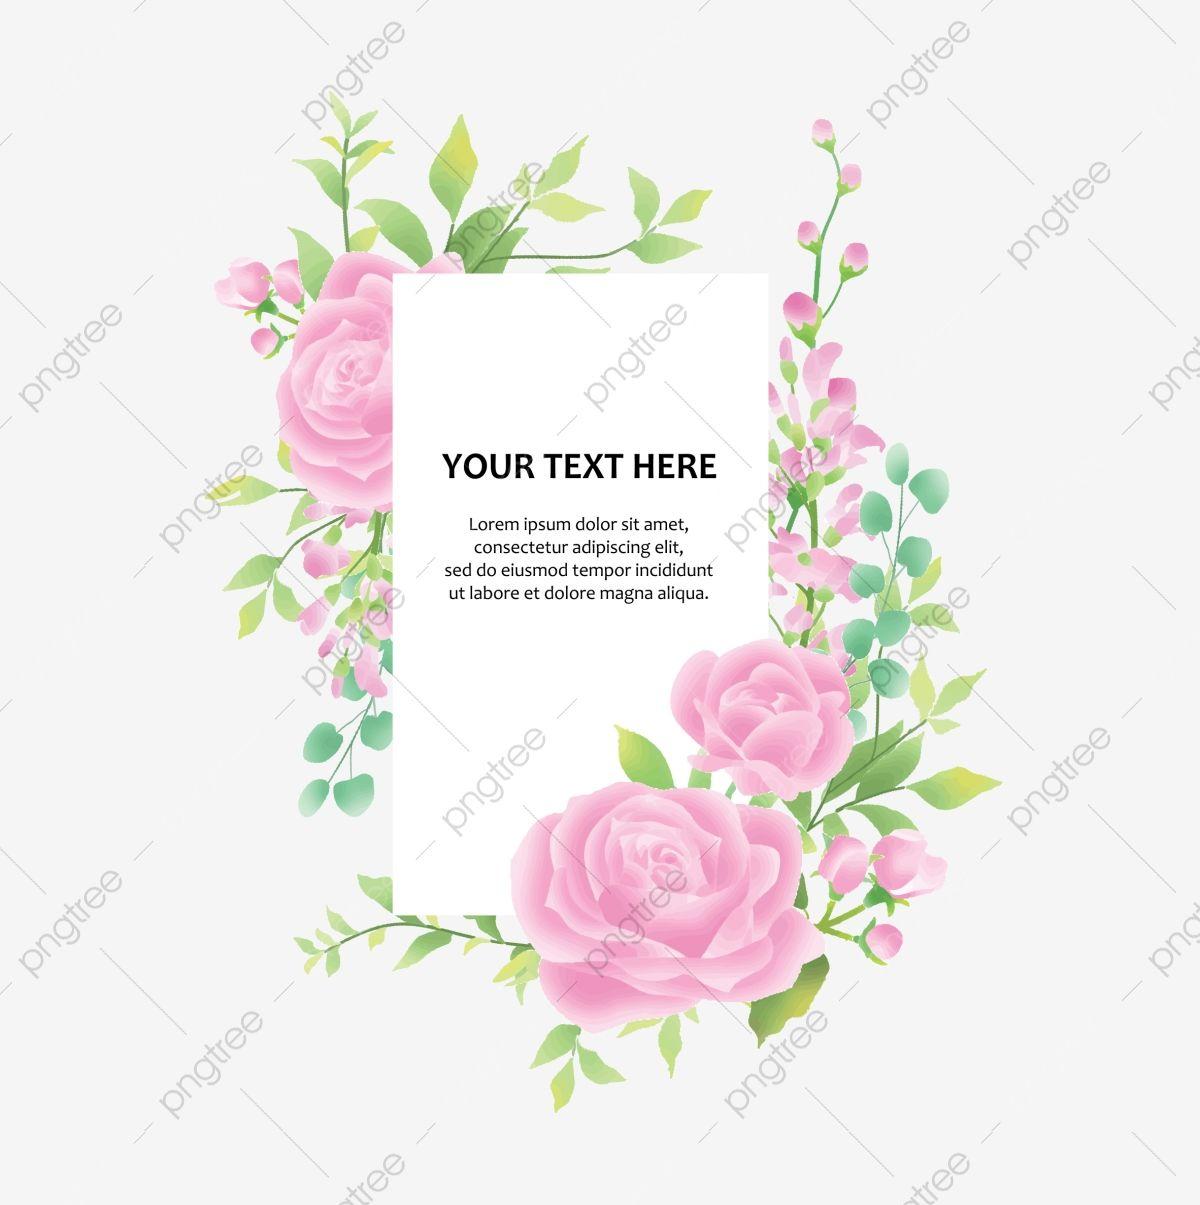 إطار دعوة زفاف مع ورود وأوراق بألوان مائية الإطار ورقة الشجر أخضر Png والمتجهات للتحميل مجانا Invitation Frames Wedding Invitations Invitations